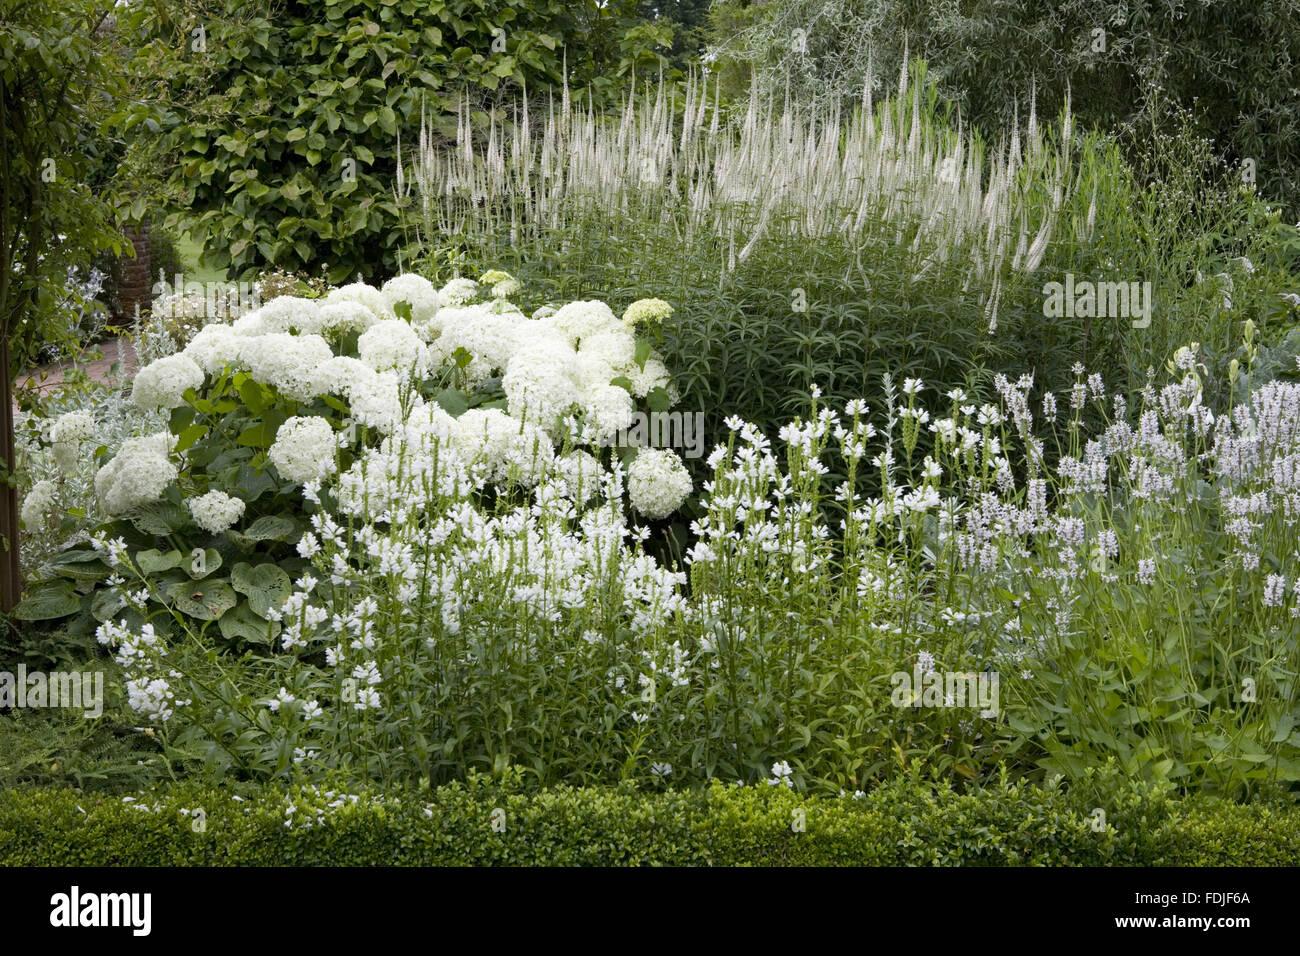 Weißer Garten Sissinghurst physostegia virginiana alba hortensie annabelle und